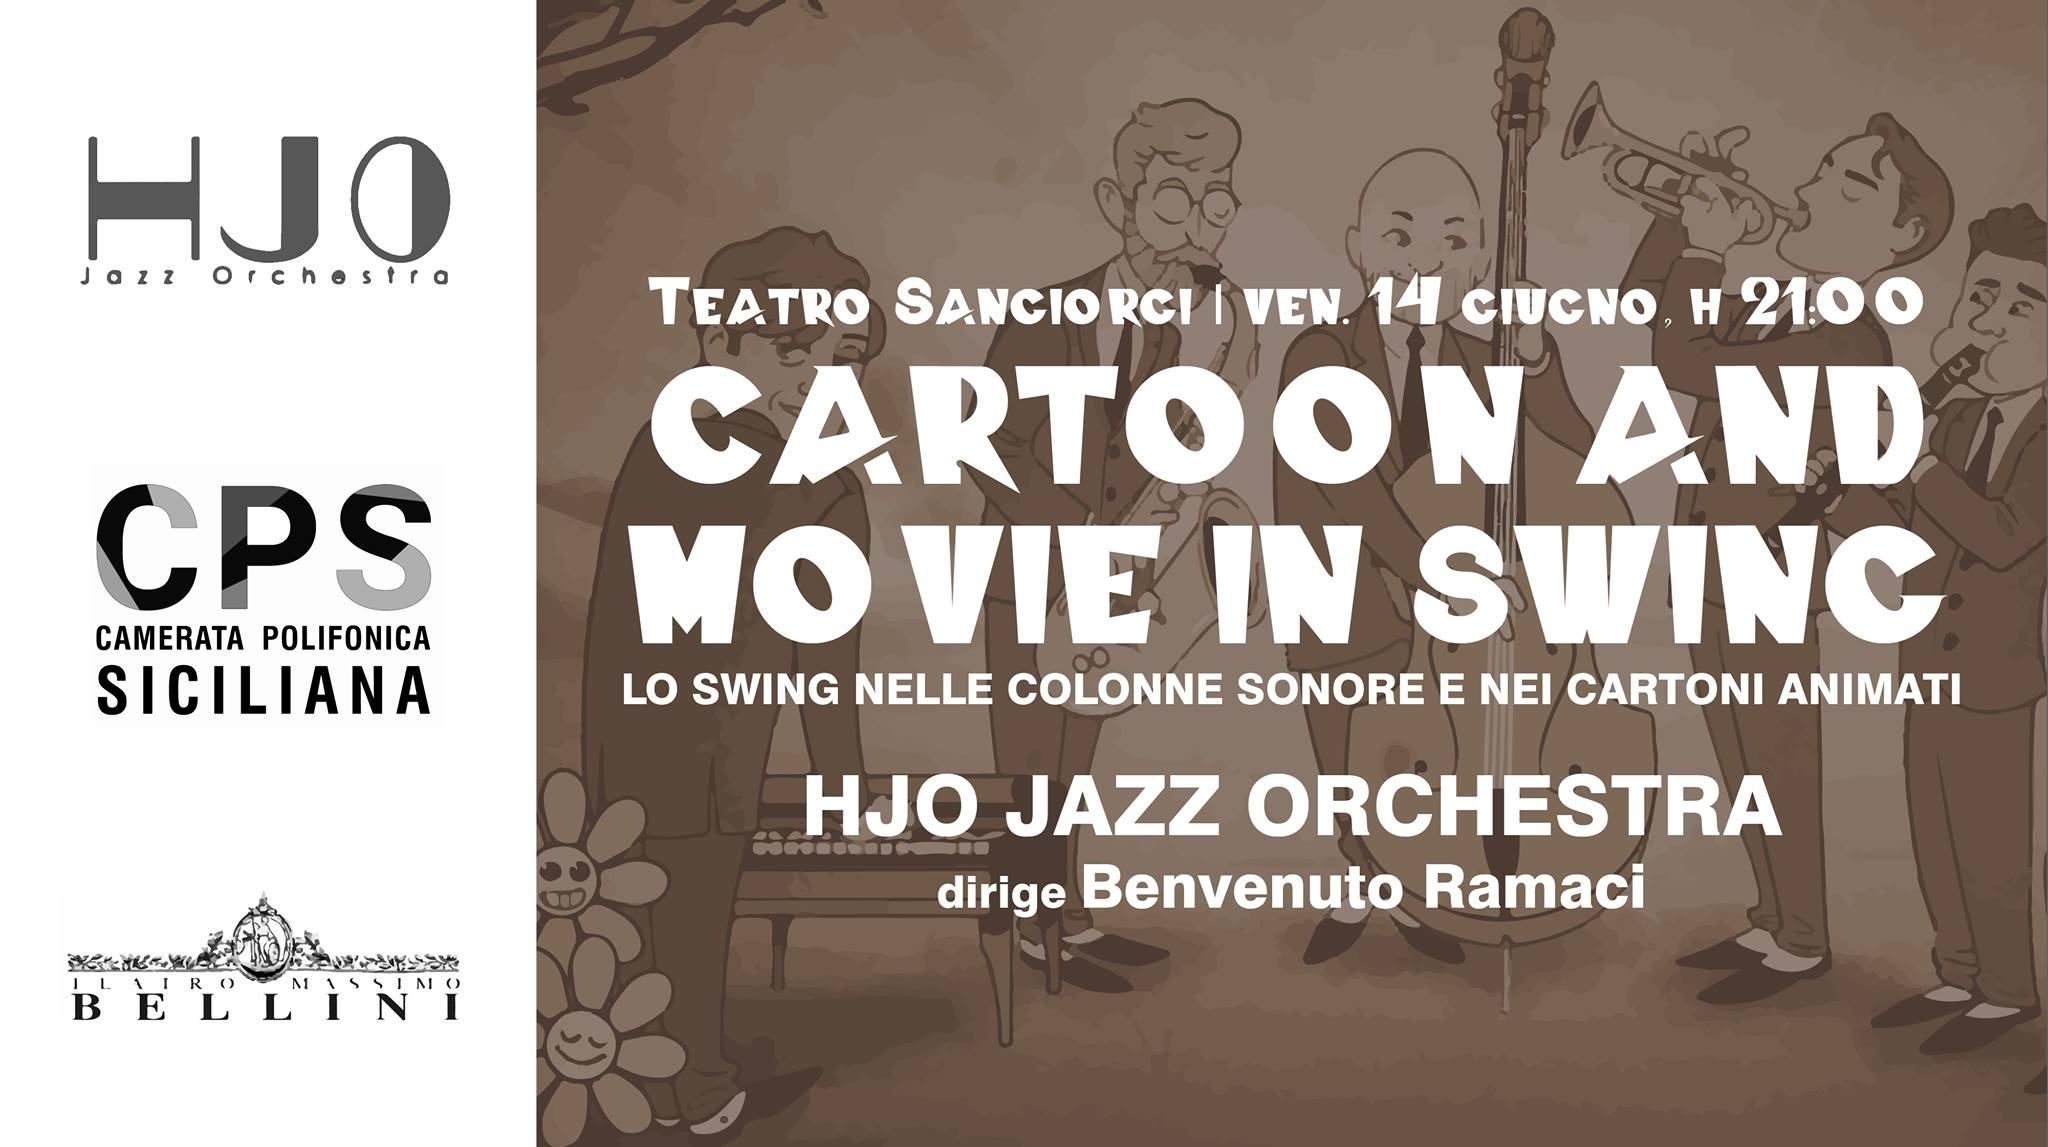 cartoon and movie in swing.jpg